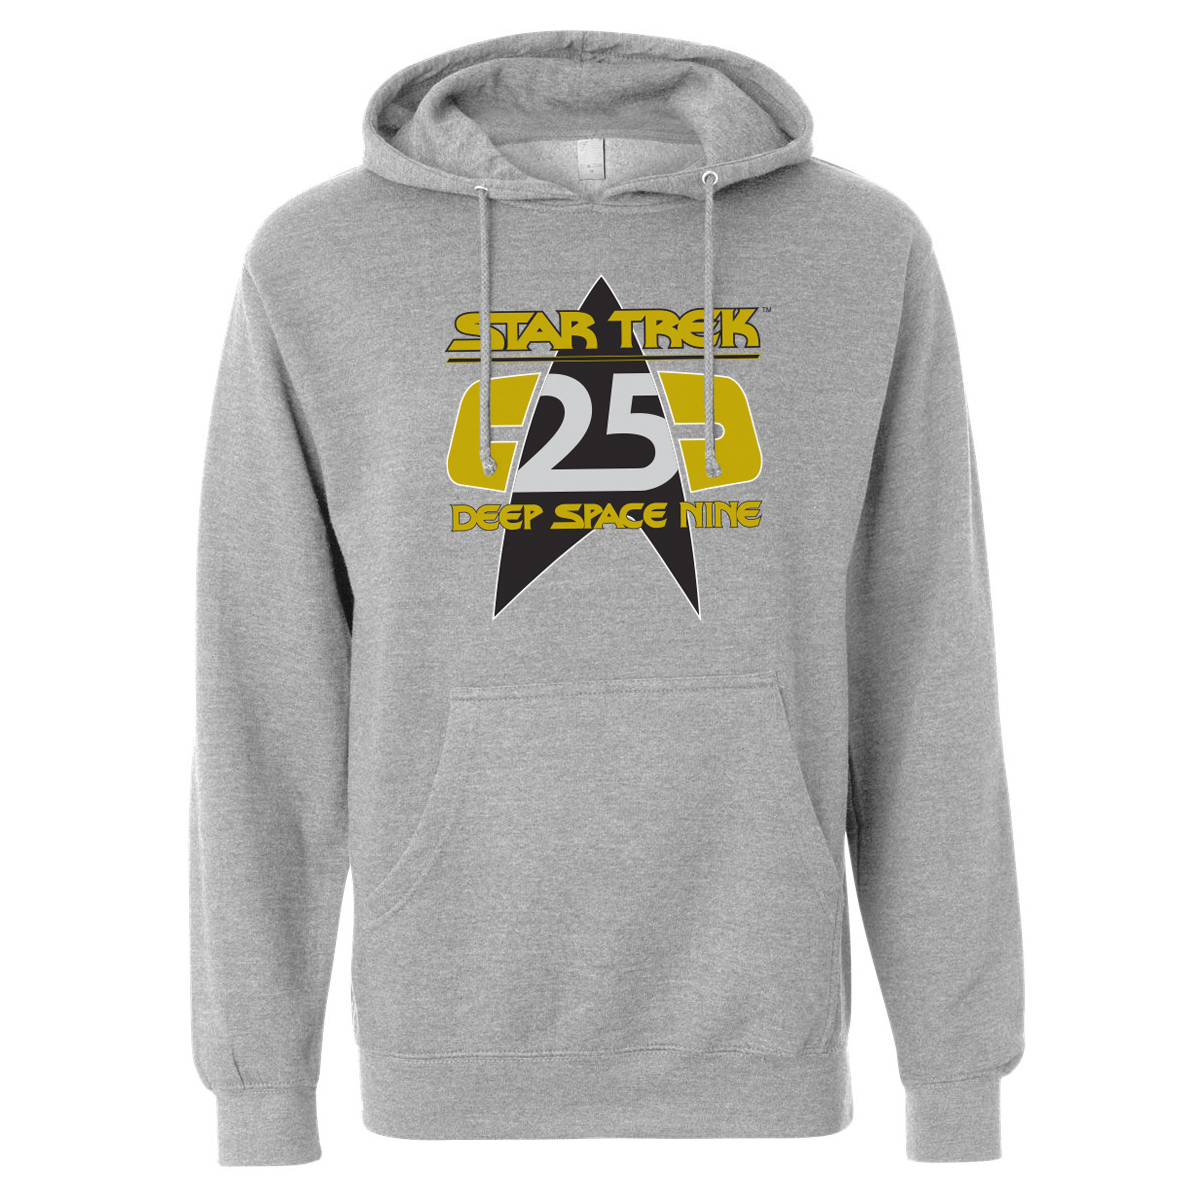 Star Trek Deep Space Nine 25th Anniversary Pullover Hoodie